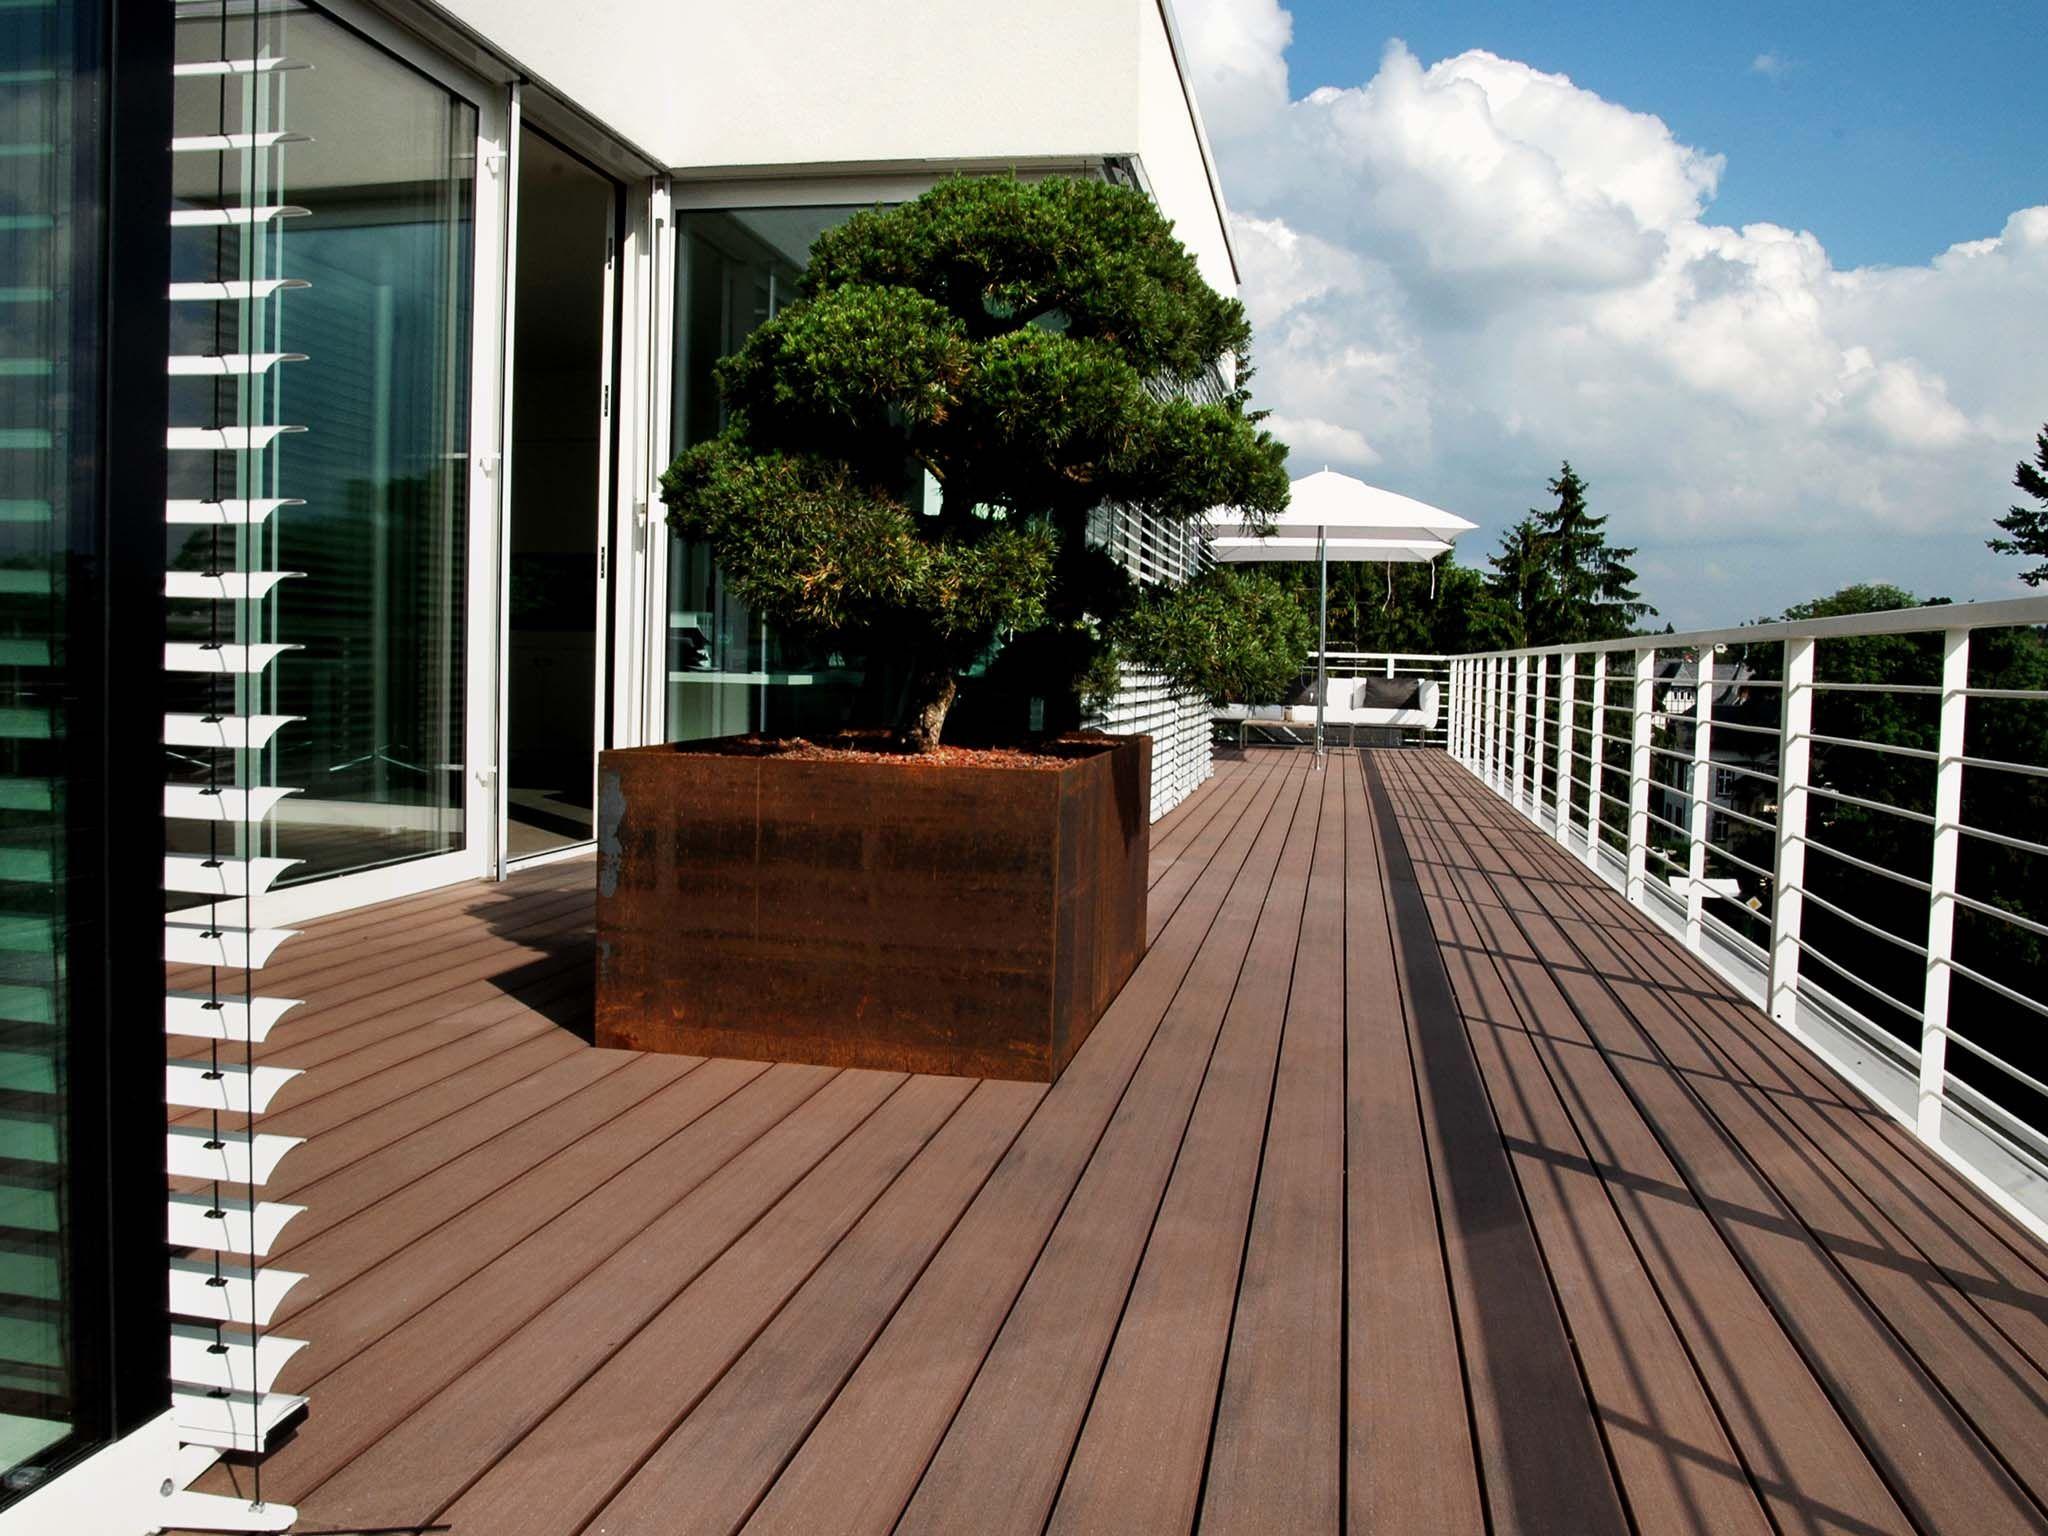 PURE macao | Design dachterrasse, Wpc terrassendielen und ...